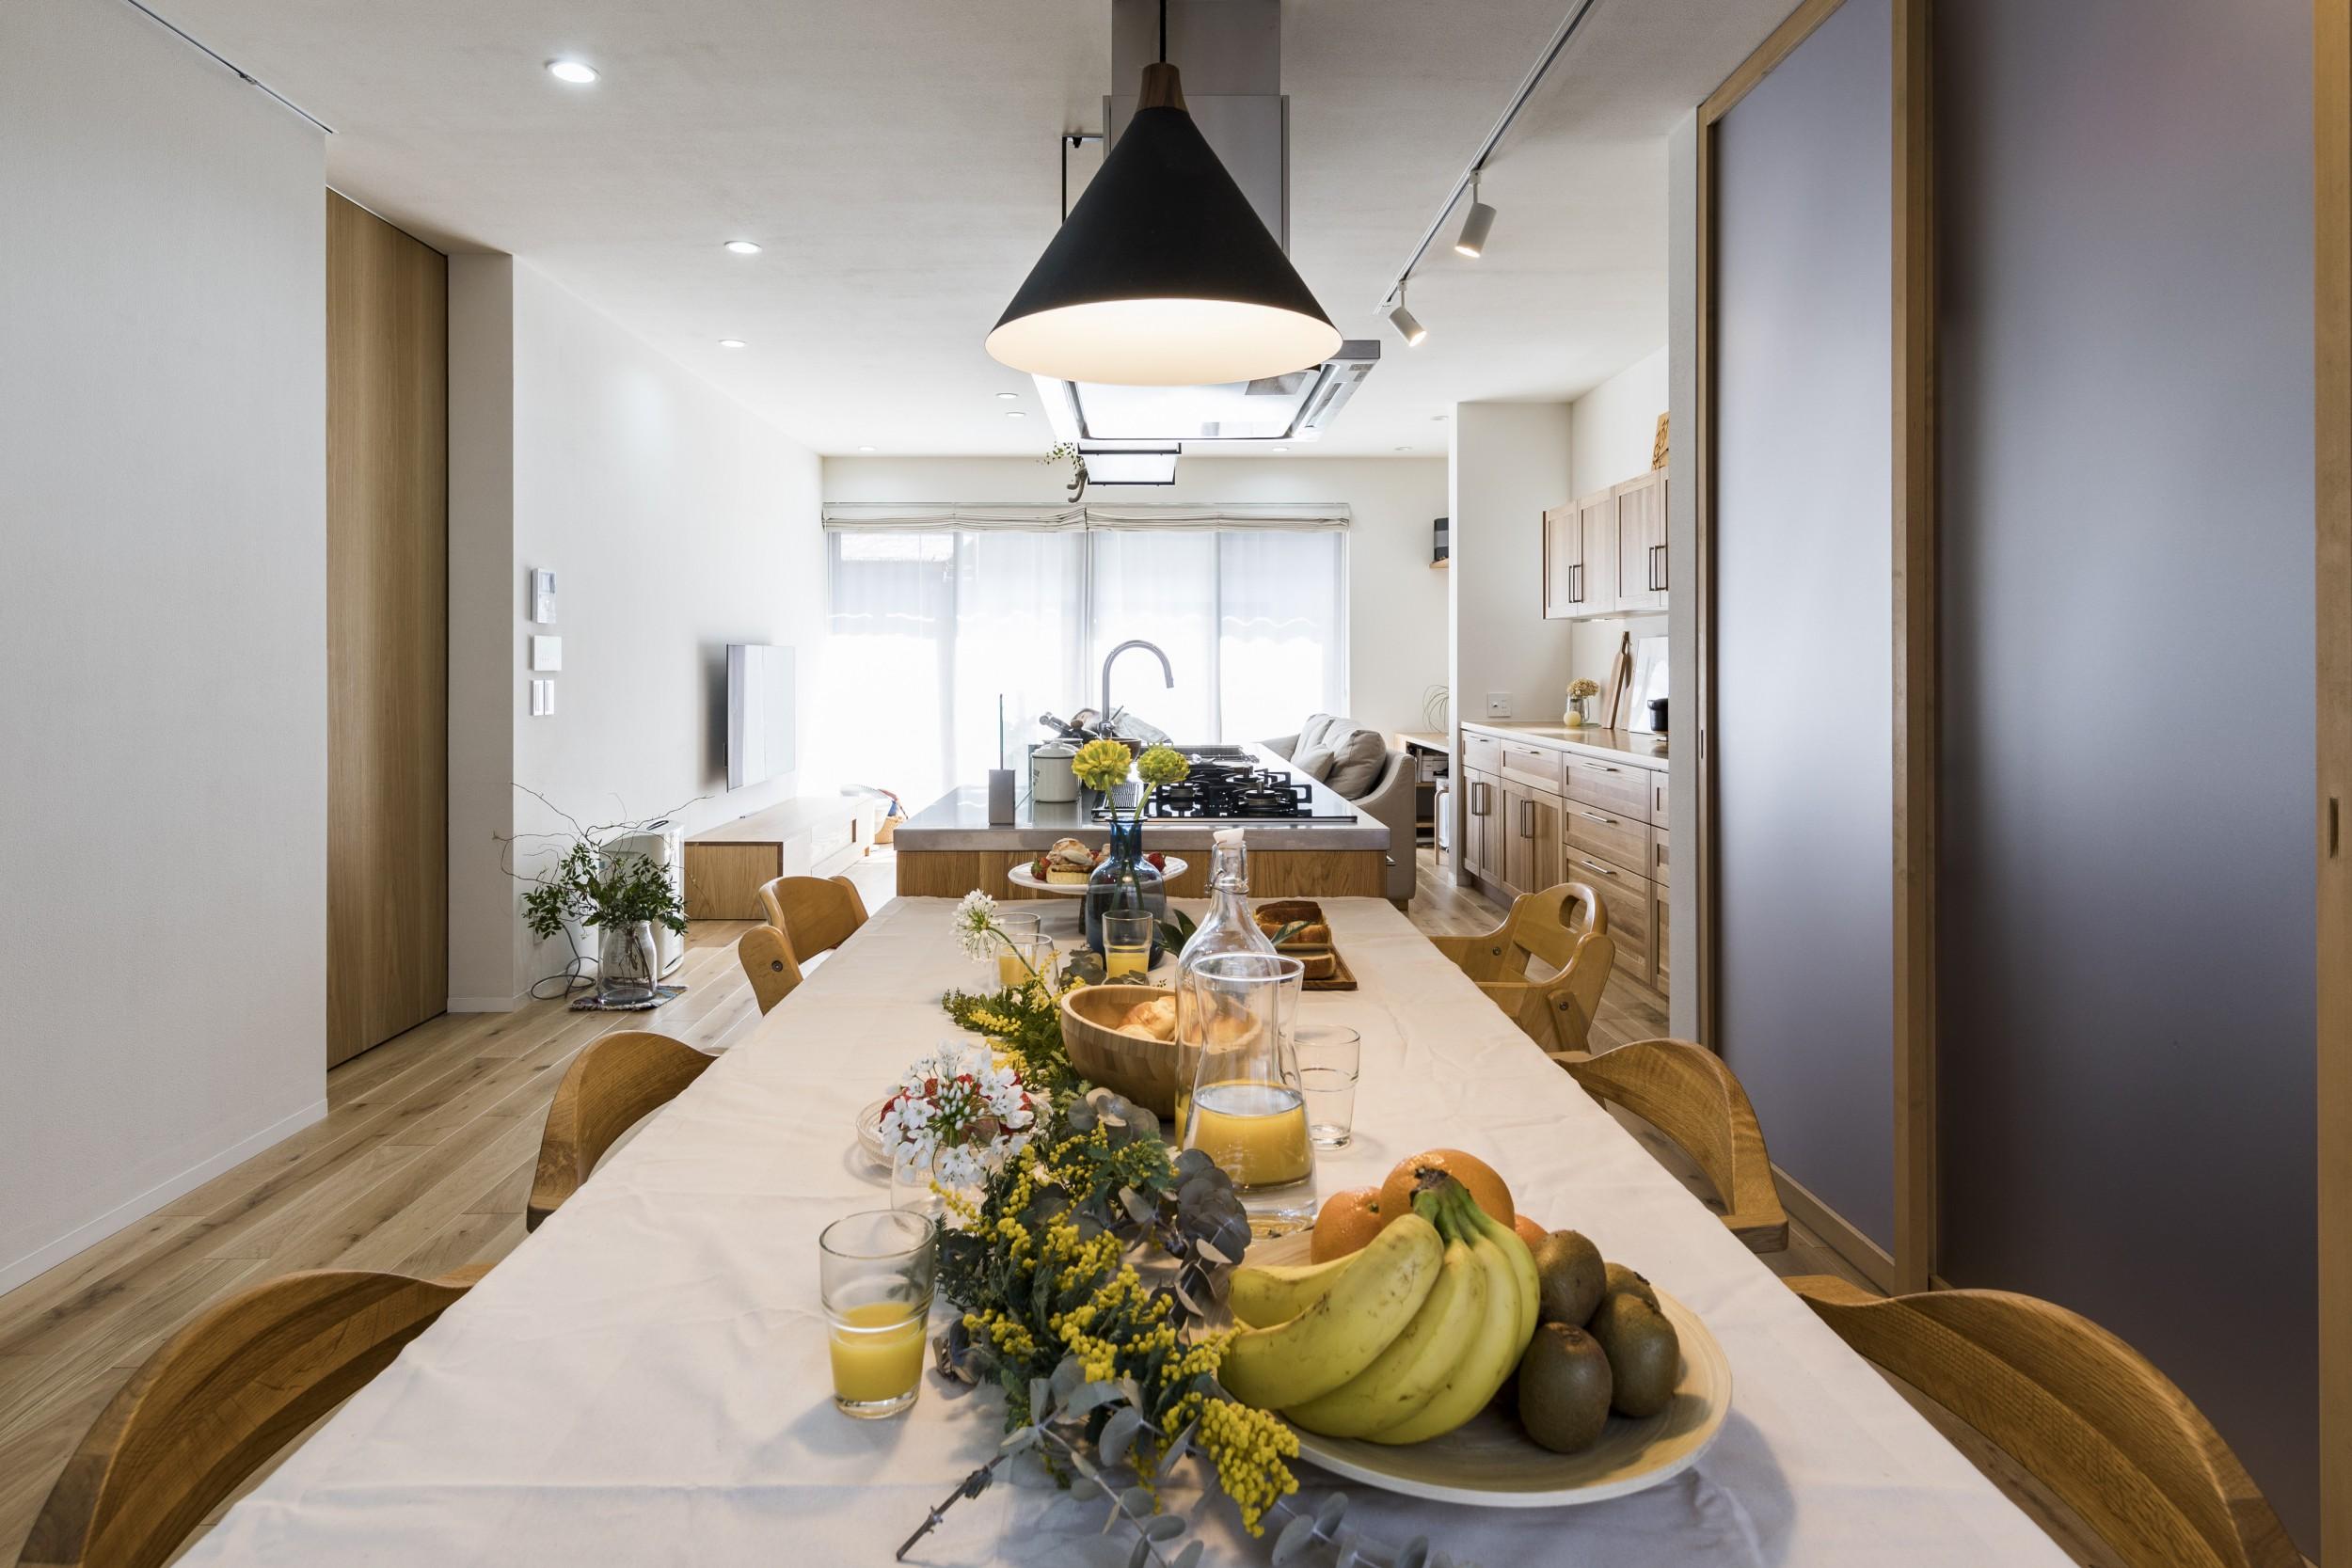 岐阜県瑞穂市の二世帯住宅リノベーション事例のLDK